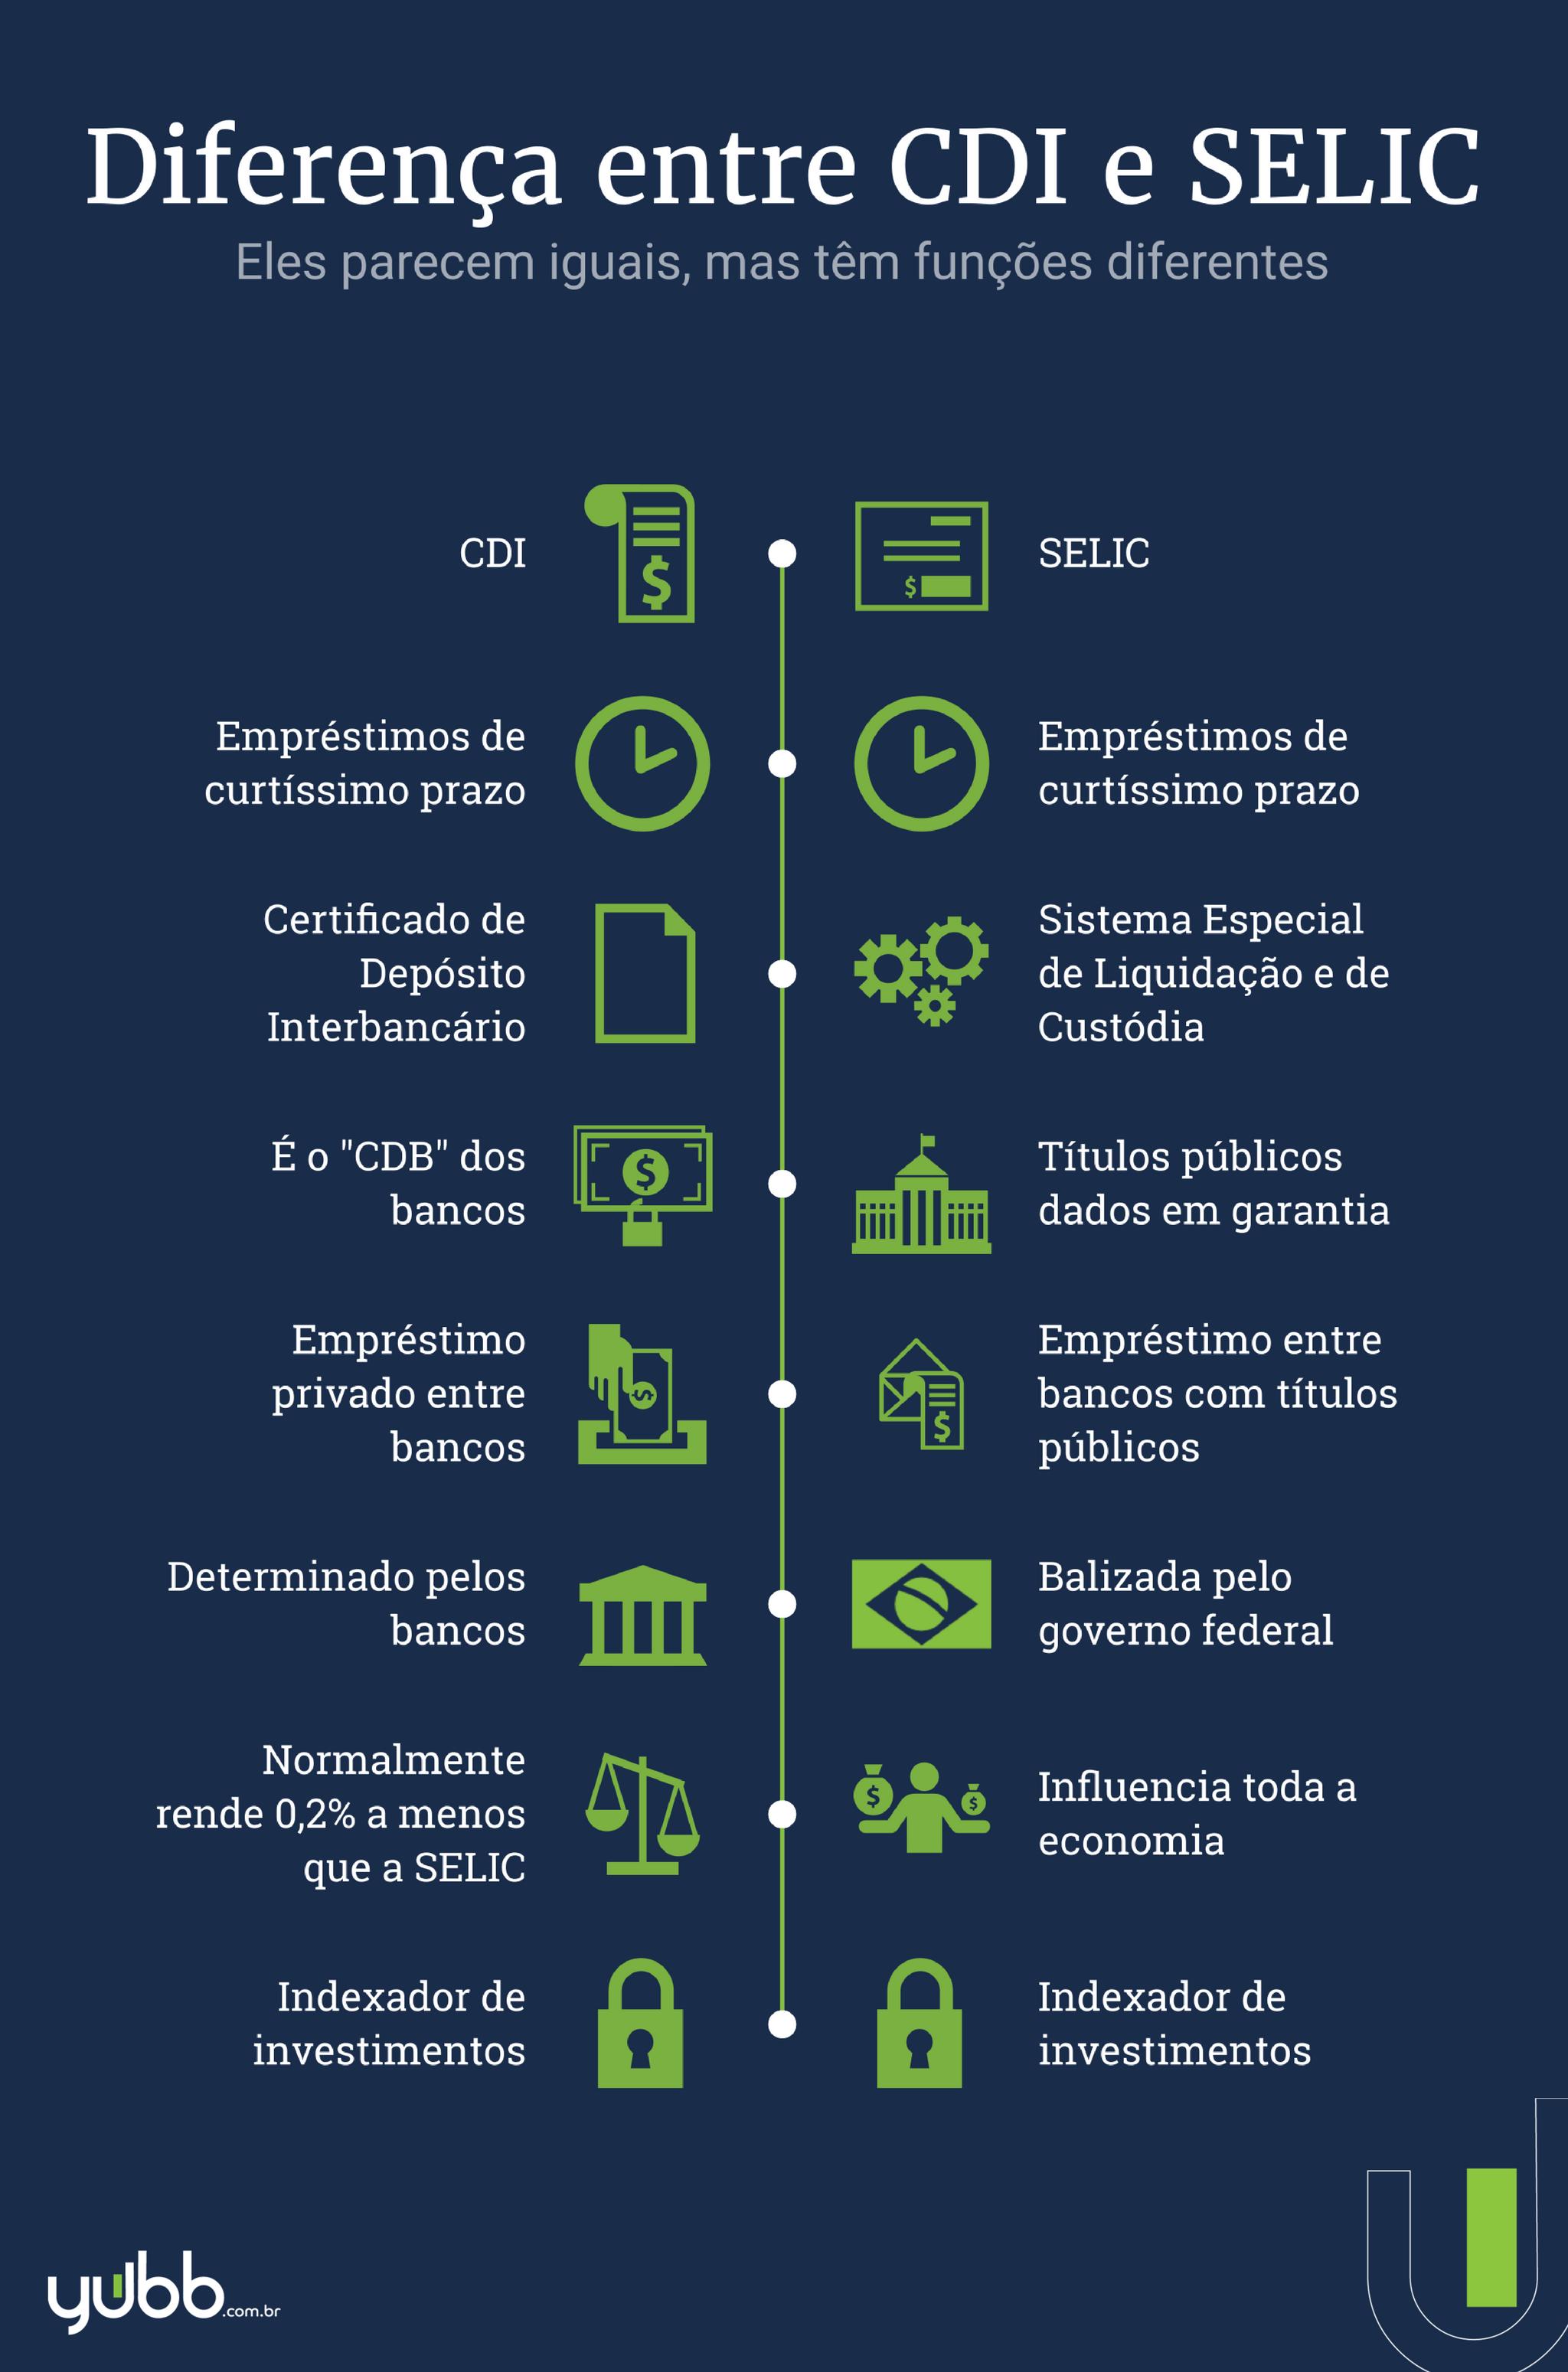 Diferença entre CDI e SELIC